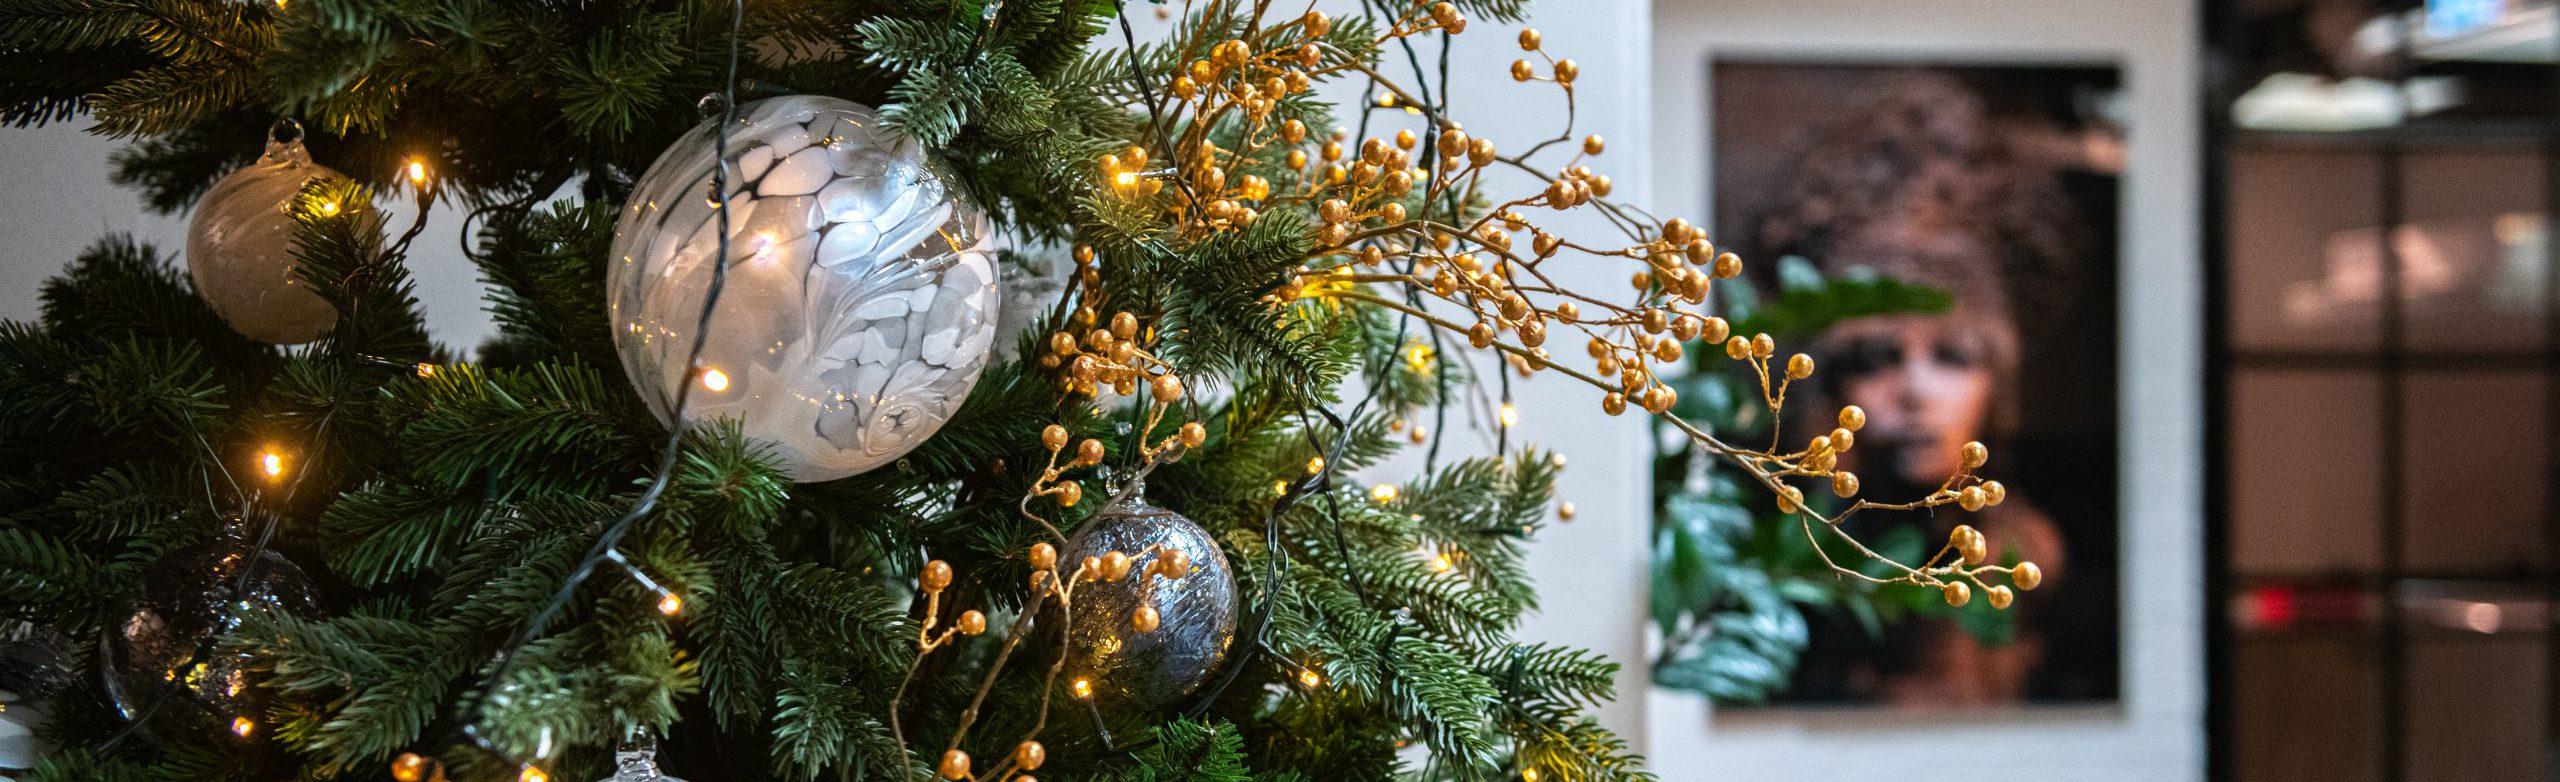 kerstboom met decoballen in de kleur pearl